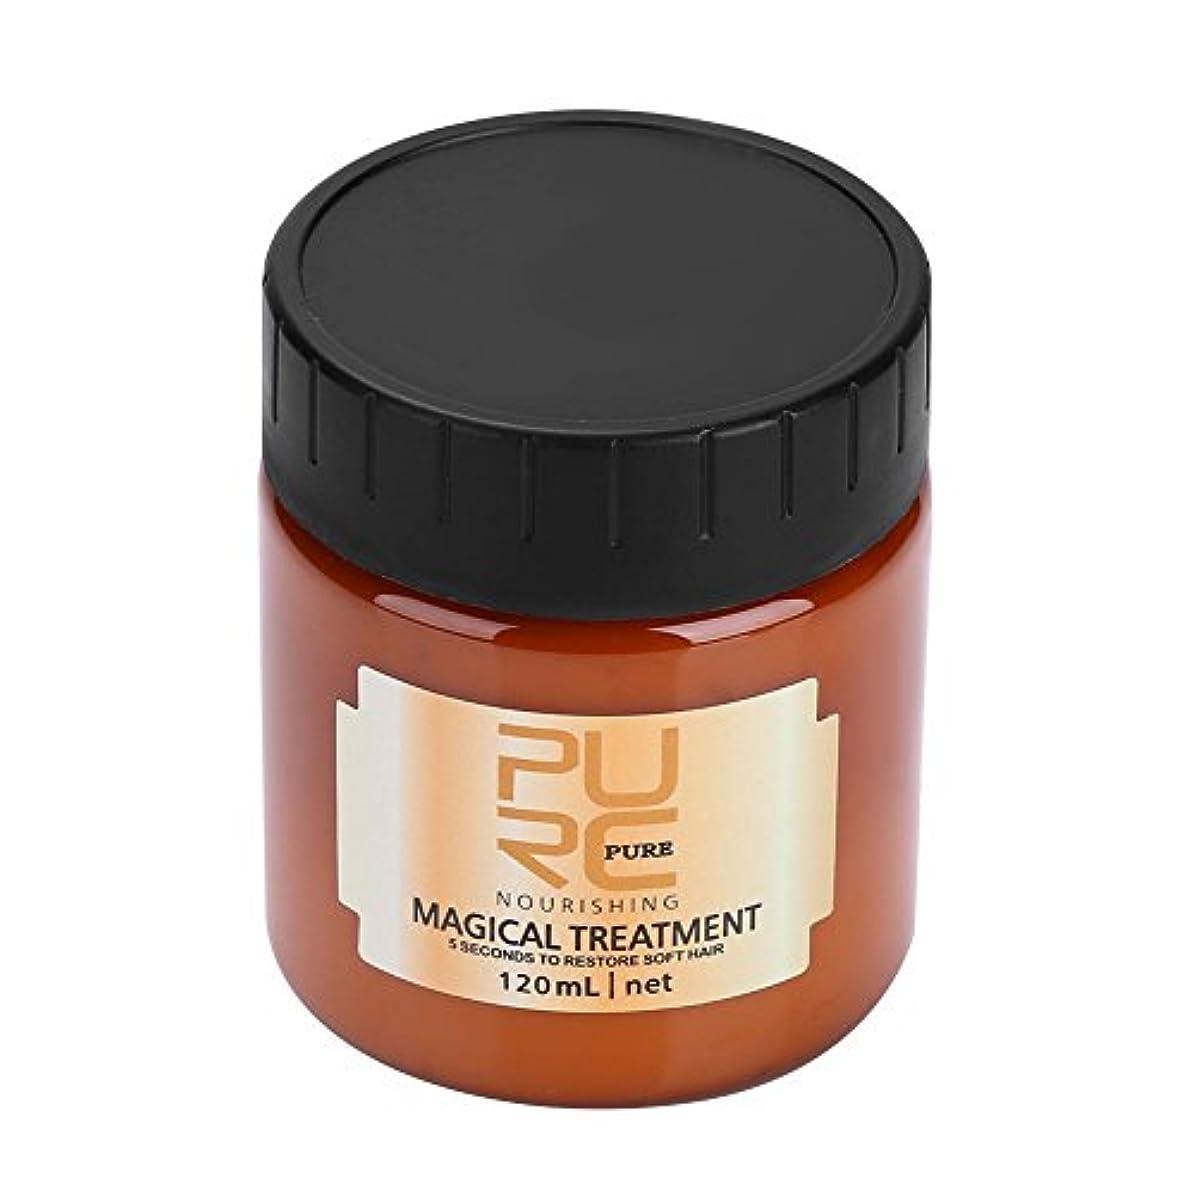 倉庫積分モディッシュヘアリペアマスク、120ml魔法のヘアマスク栄養治療ソフトスムーズリペアダメージプロフェッショナル